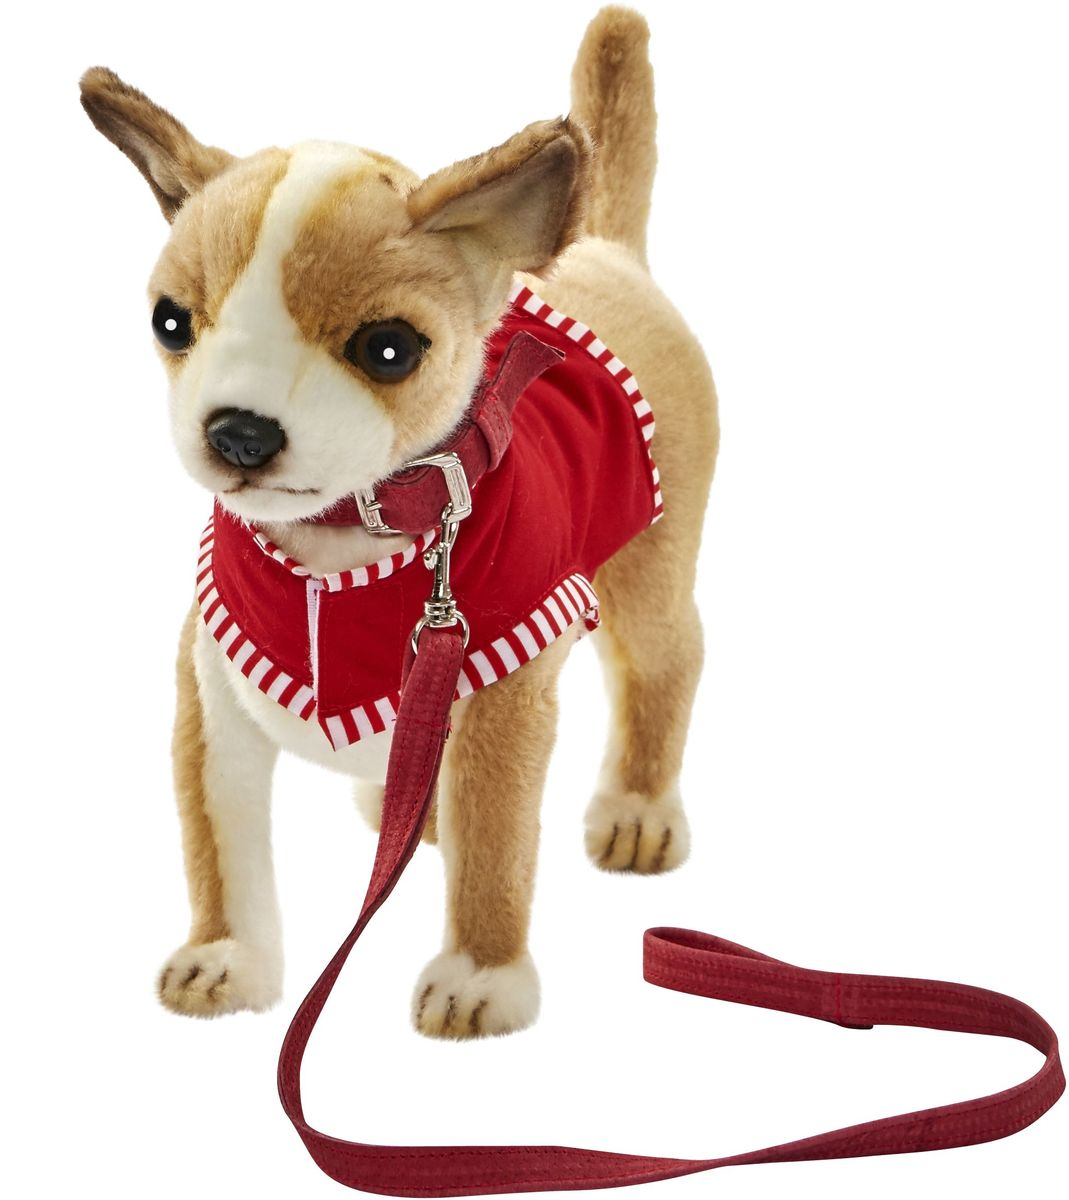 Hansa Мягкая игрушка Чихуахуа цвет красный 27 см